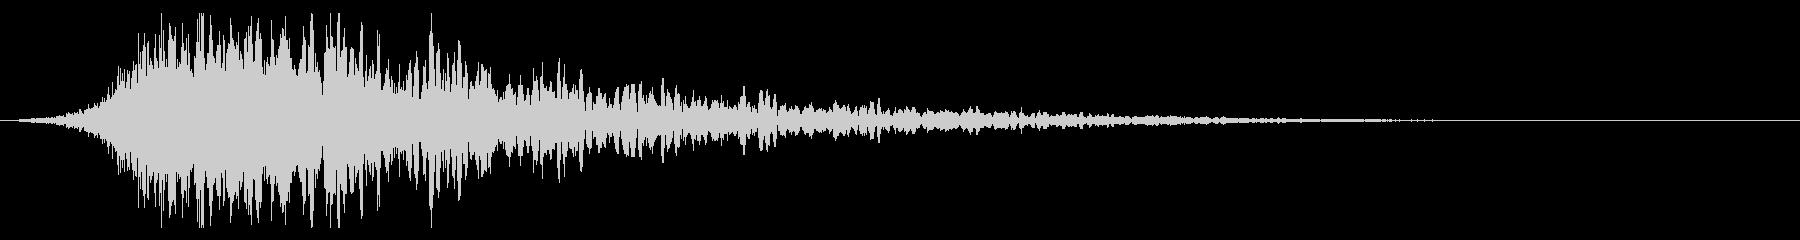 シュードーン-43-1(インパクト音)の未再生の波形